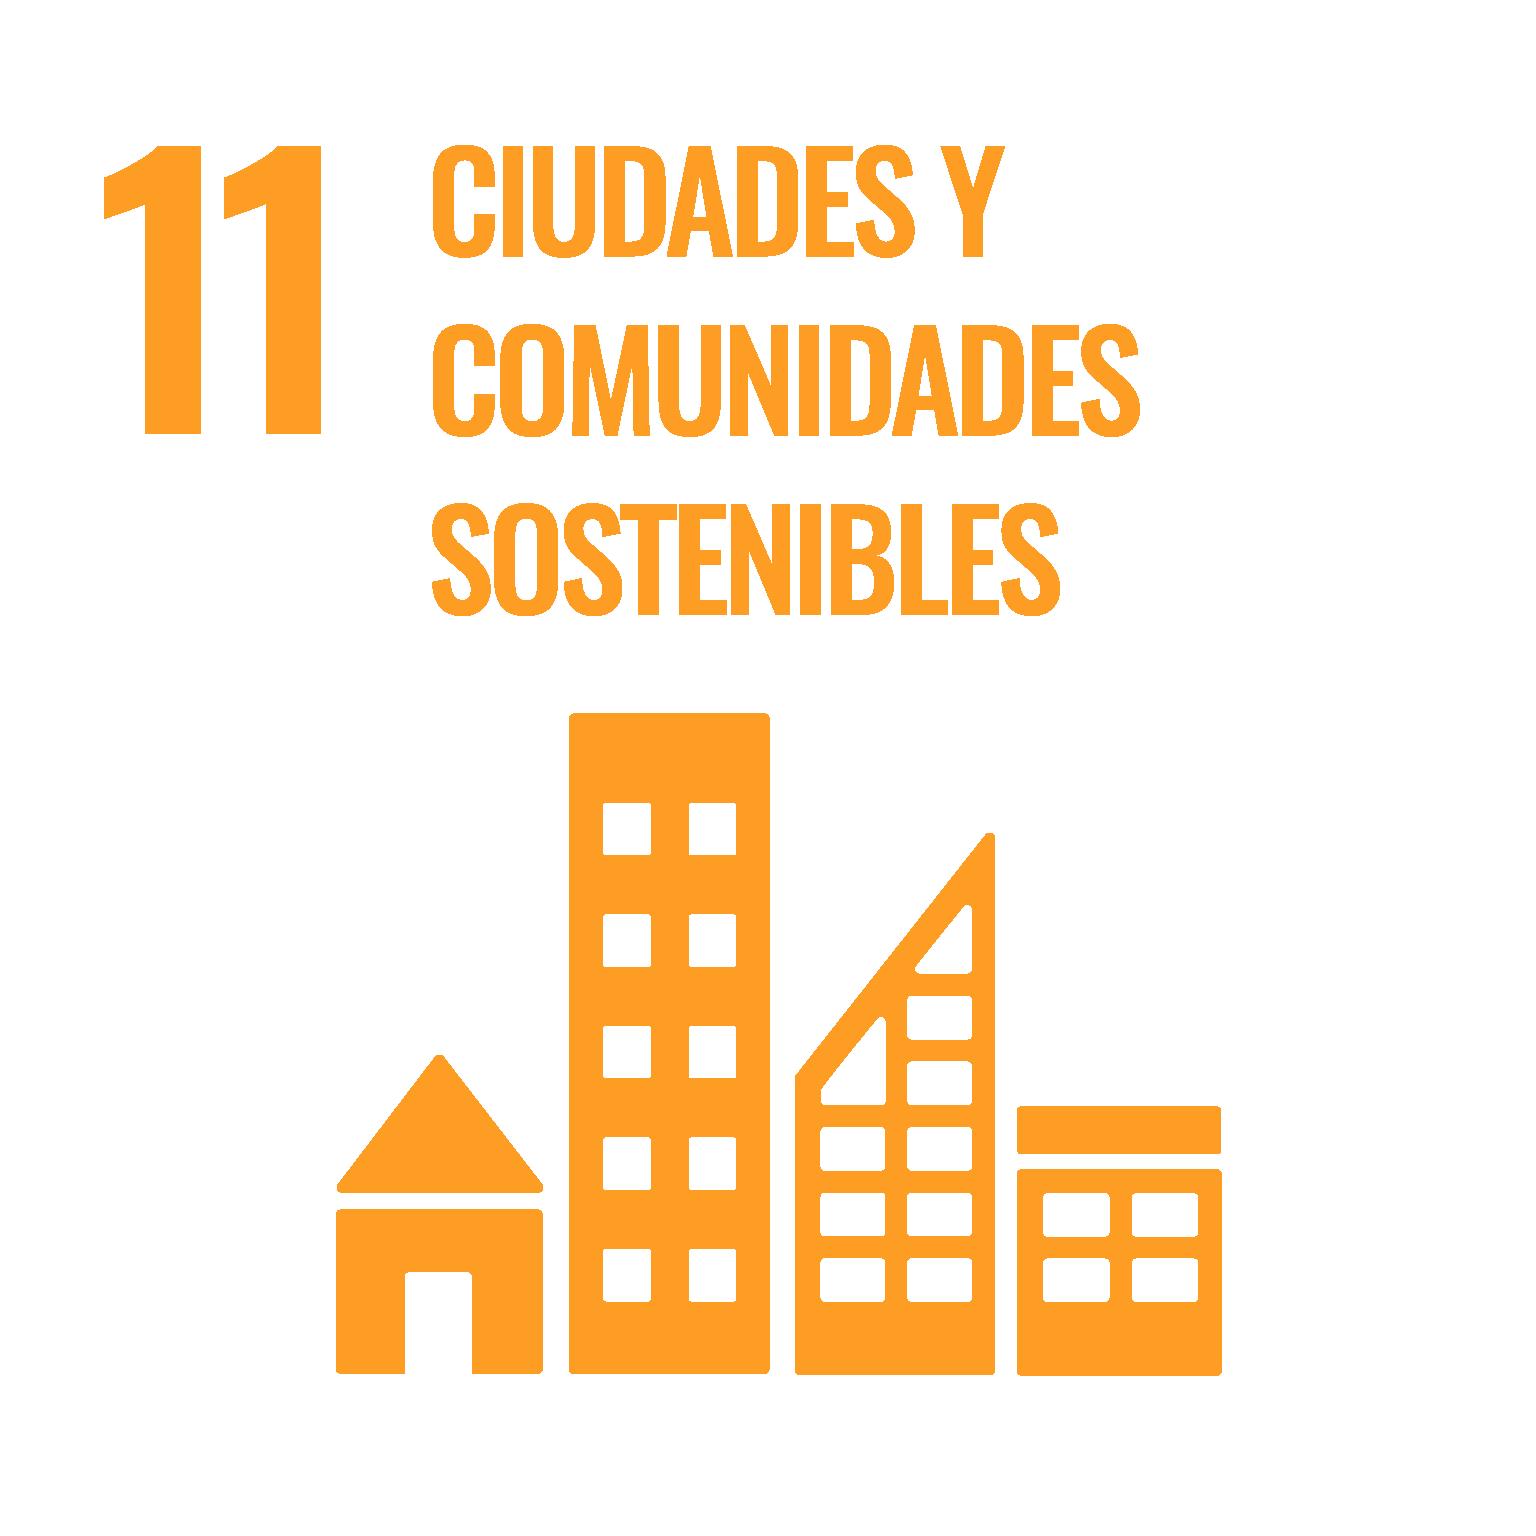 Objetivos ONU ciudades y comunidades sostenibles